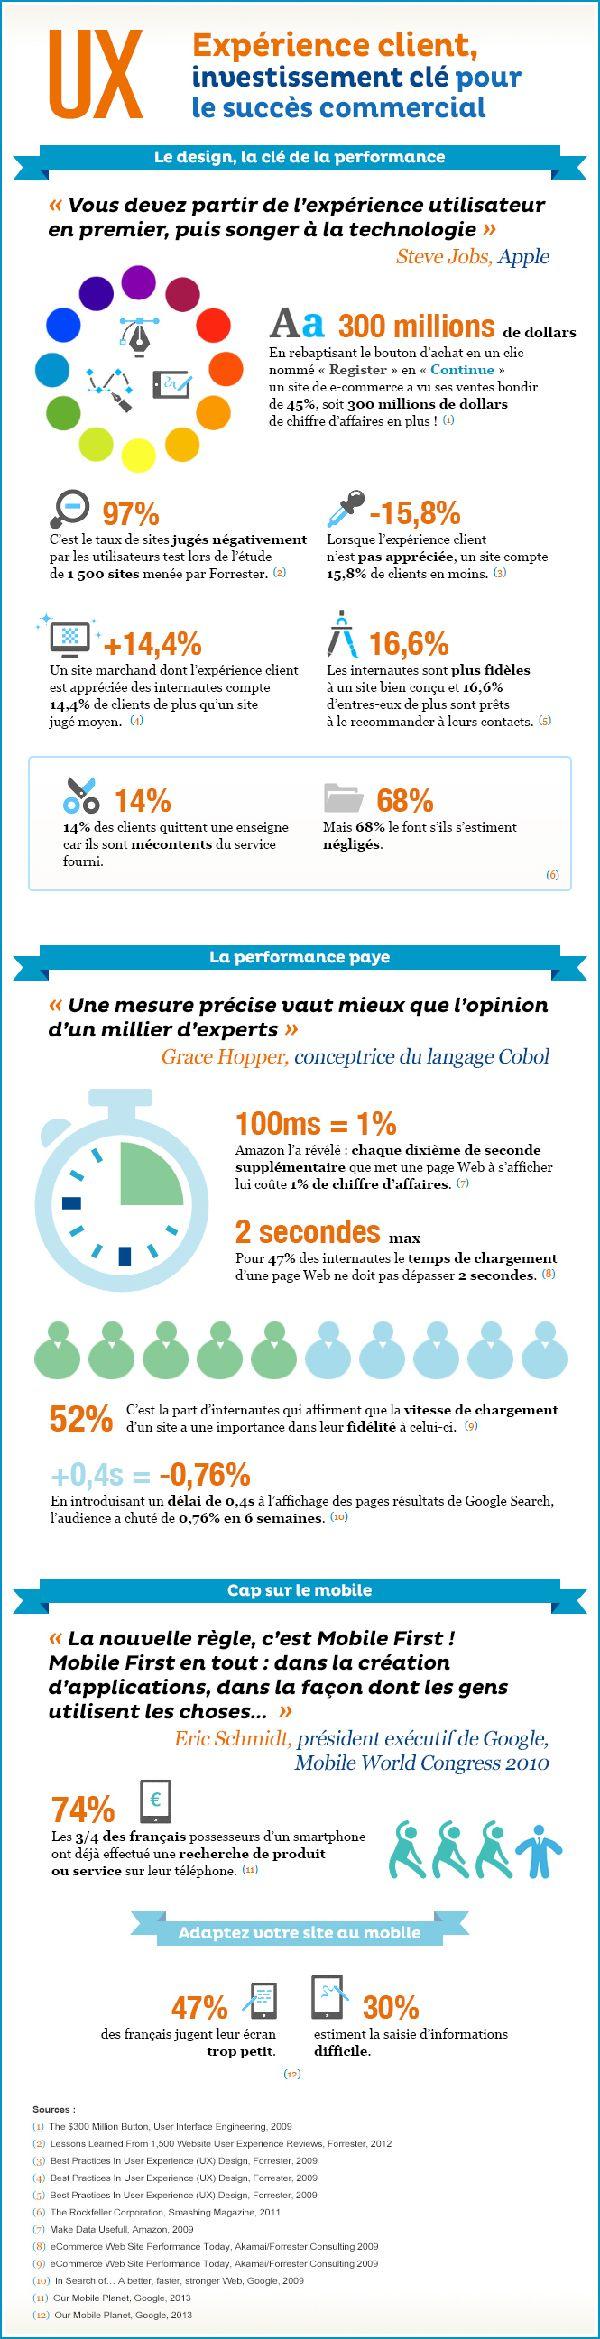 [infographie] pourquoi faut-il investir dans l'expérience client ? | Orange Business Services